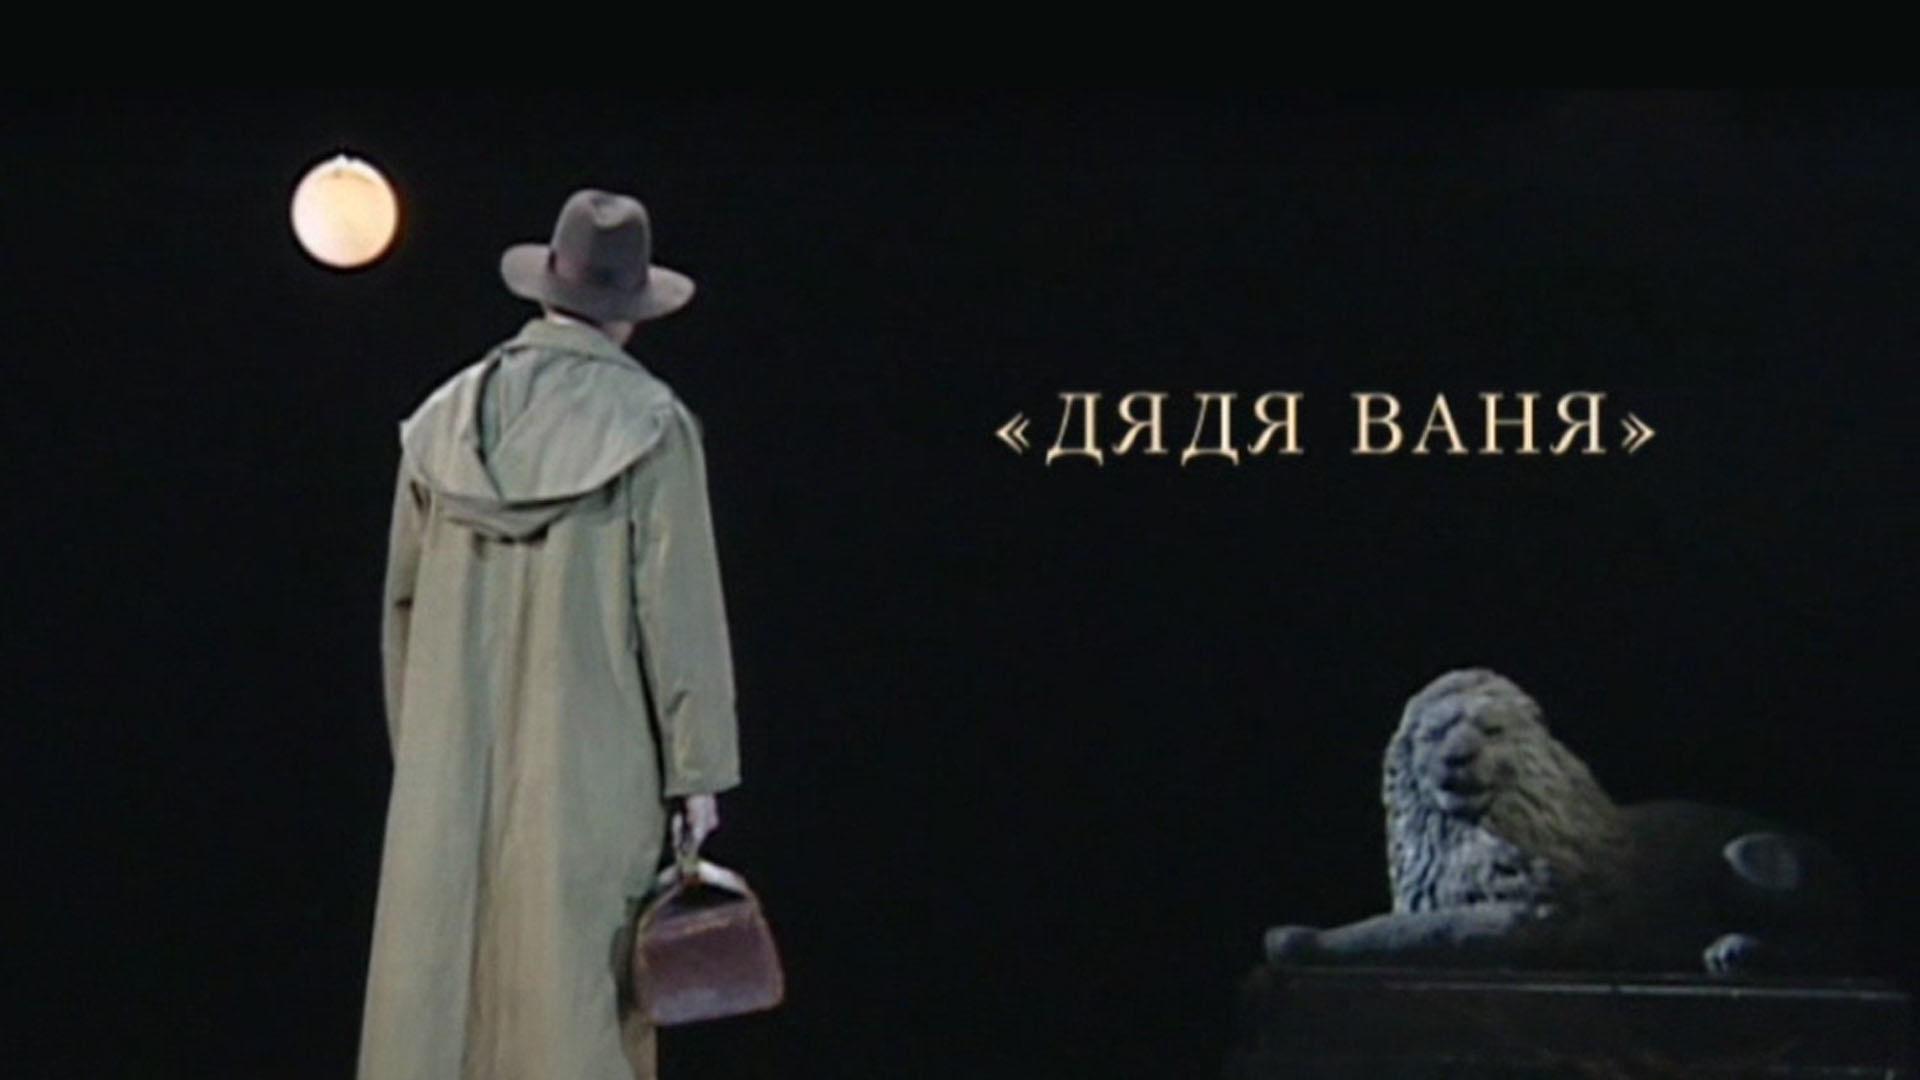 Дядя Ваня (Театр им. Евг. Вахтангова)